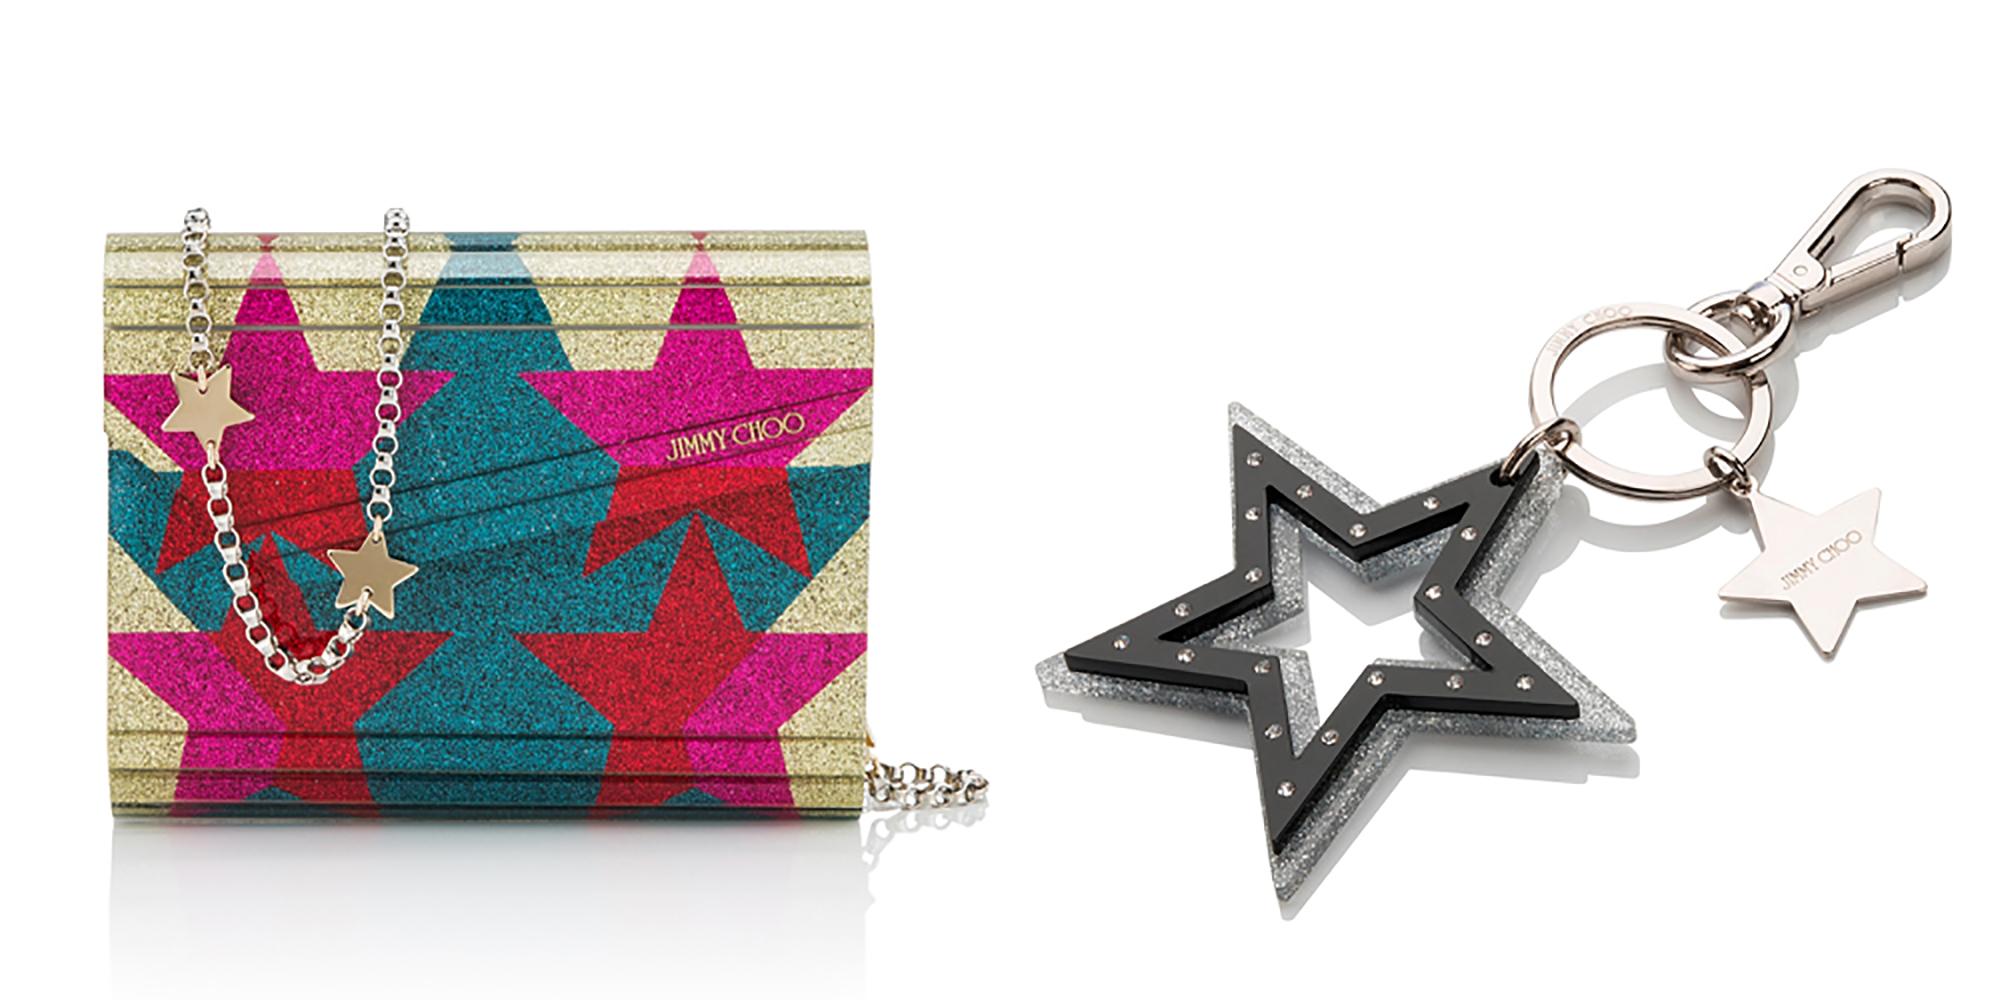 左:バッグ「CANDY」¥126,000、右: キーリング「SKYLA」¥25,000 (いずれもJimmy Choo 銀座店限定商品) | ©︎ Jimmy Choo